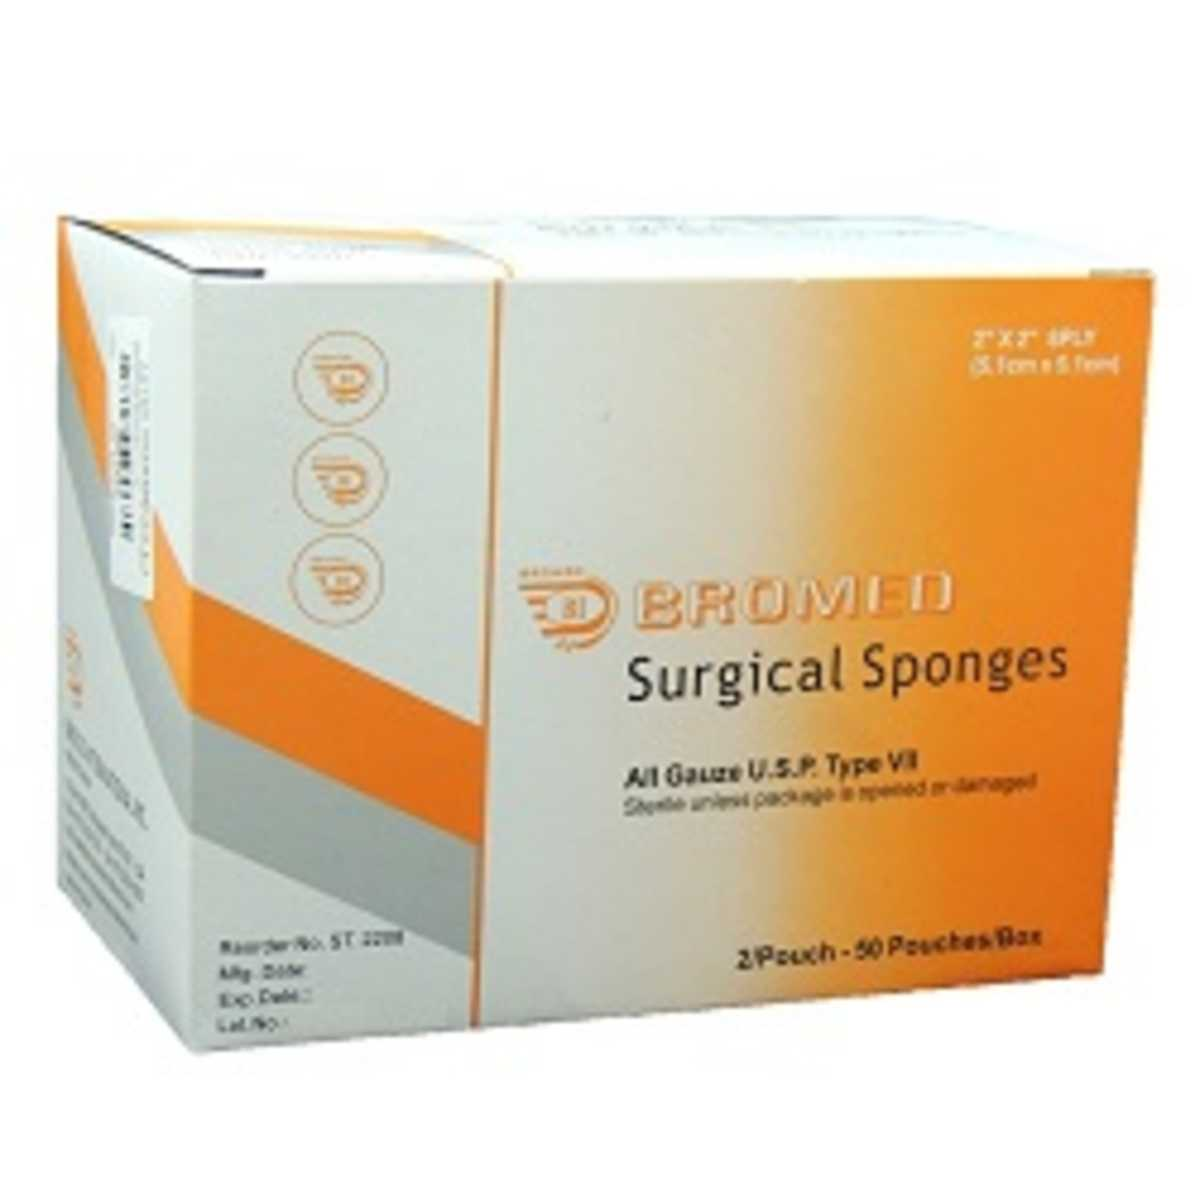 Sterile Surgical Sponges, 7.6cm*7.6cm - 8ply